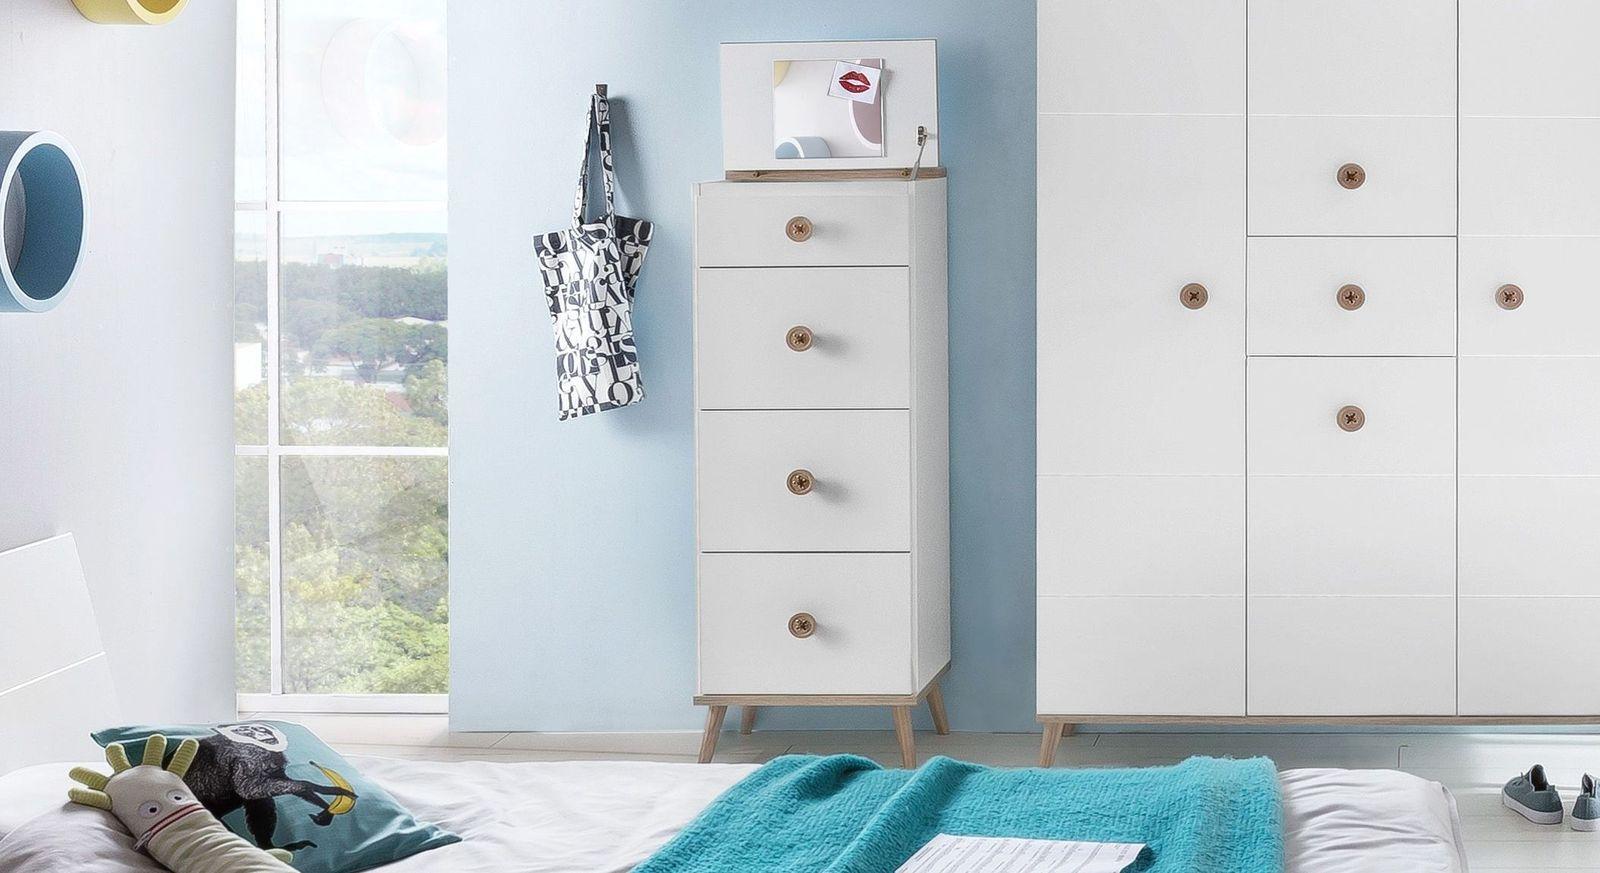 hochkommode mit schubladen spiegel ausgestellten f en. Black Bedroom Furniture Sets. Home Design Ideas